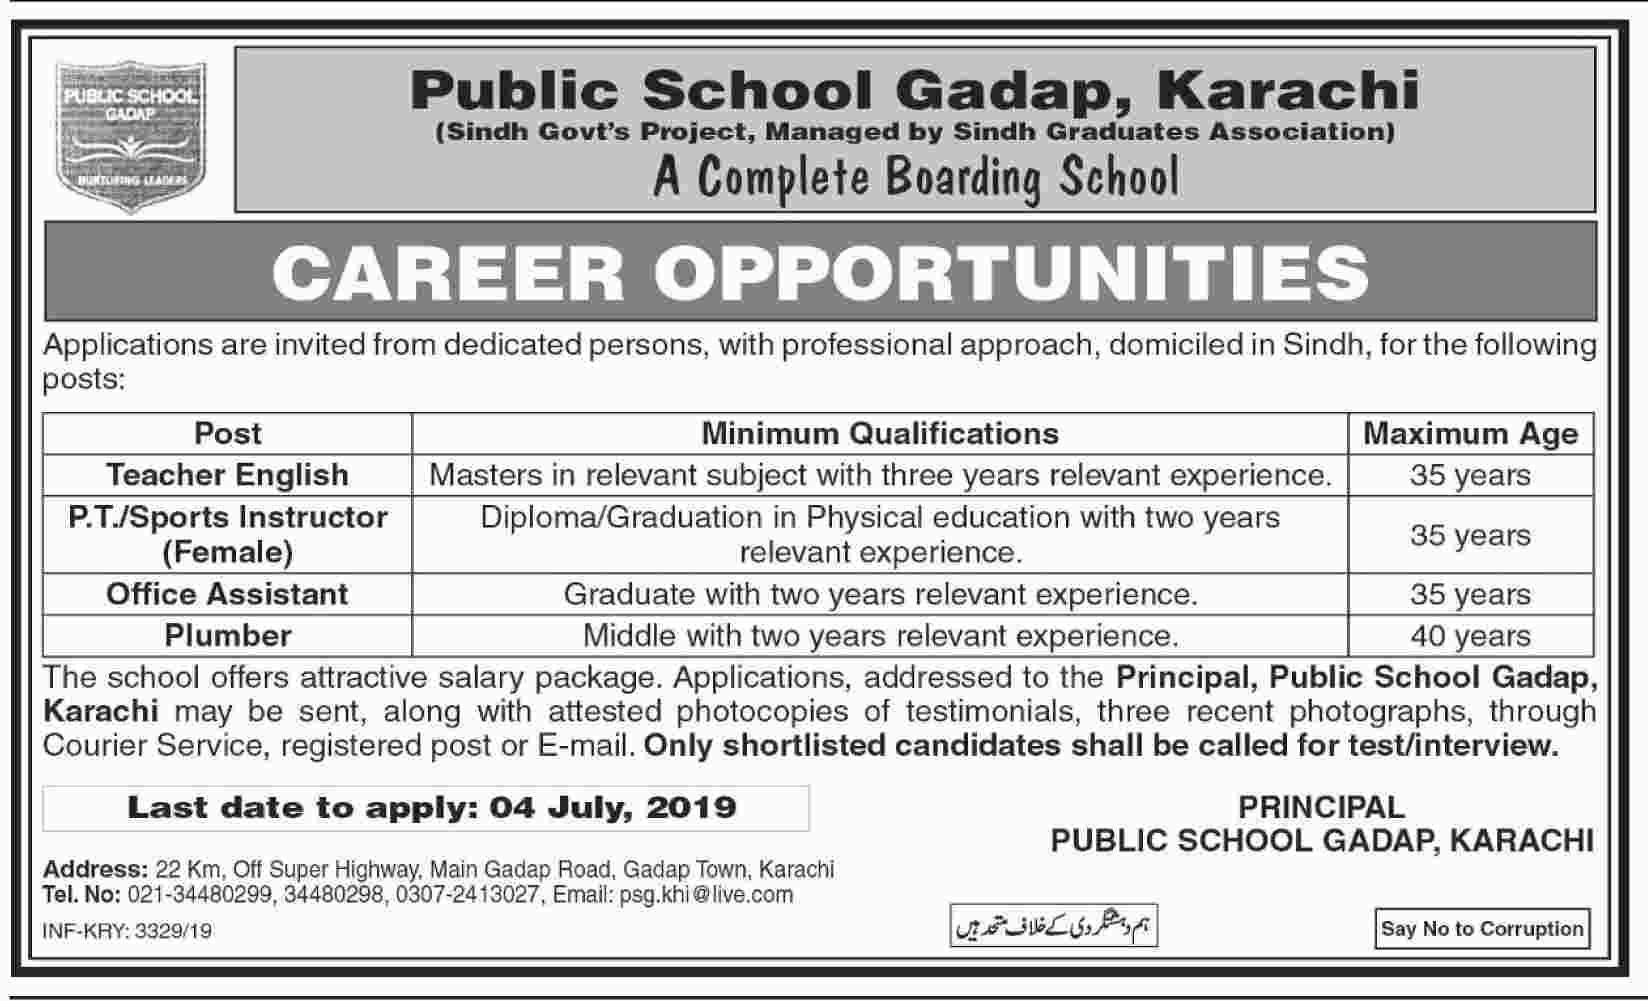 Public School Gadap karachi jobs 2019